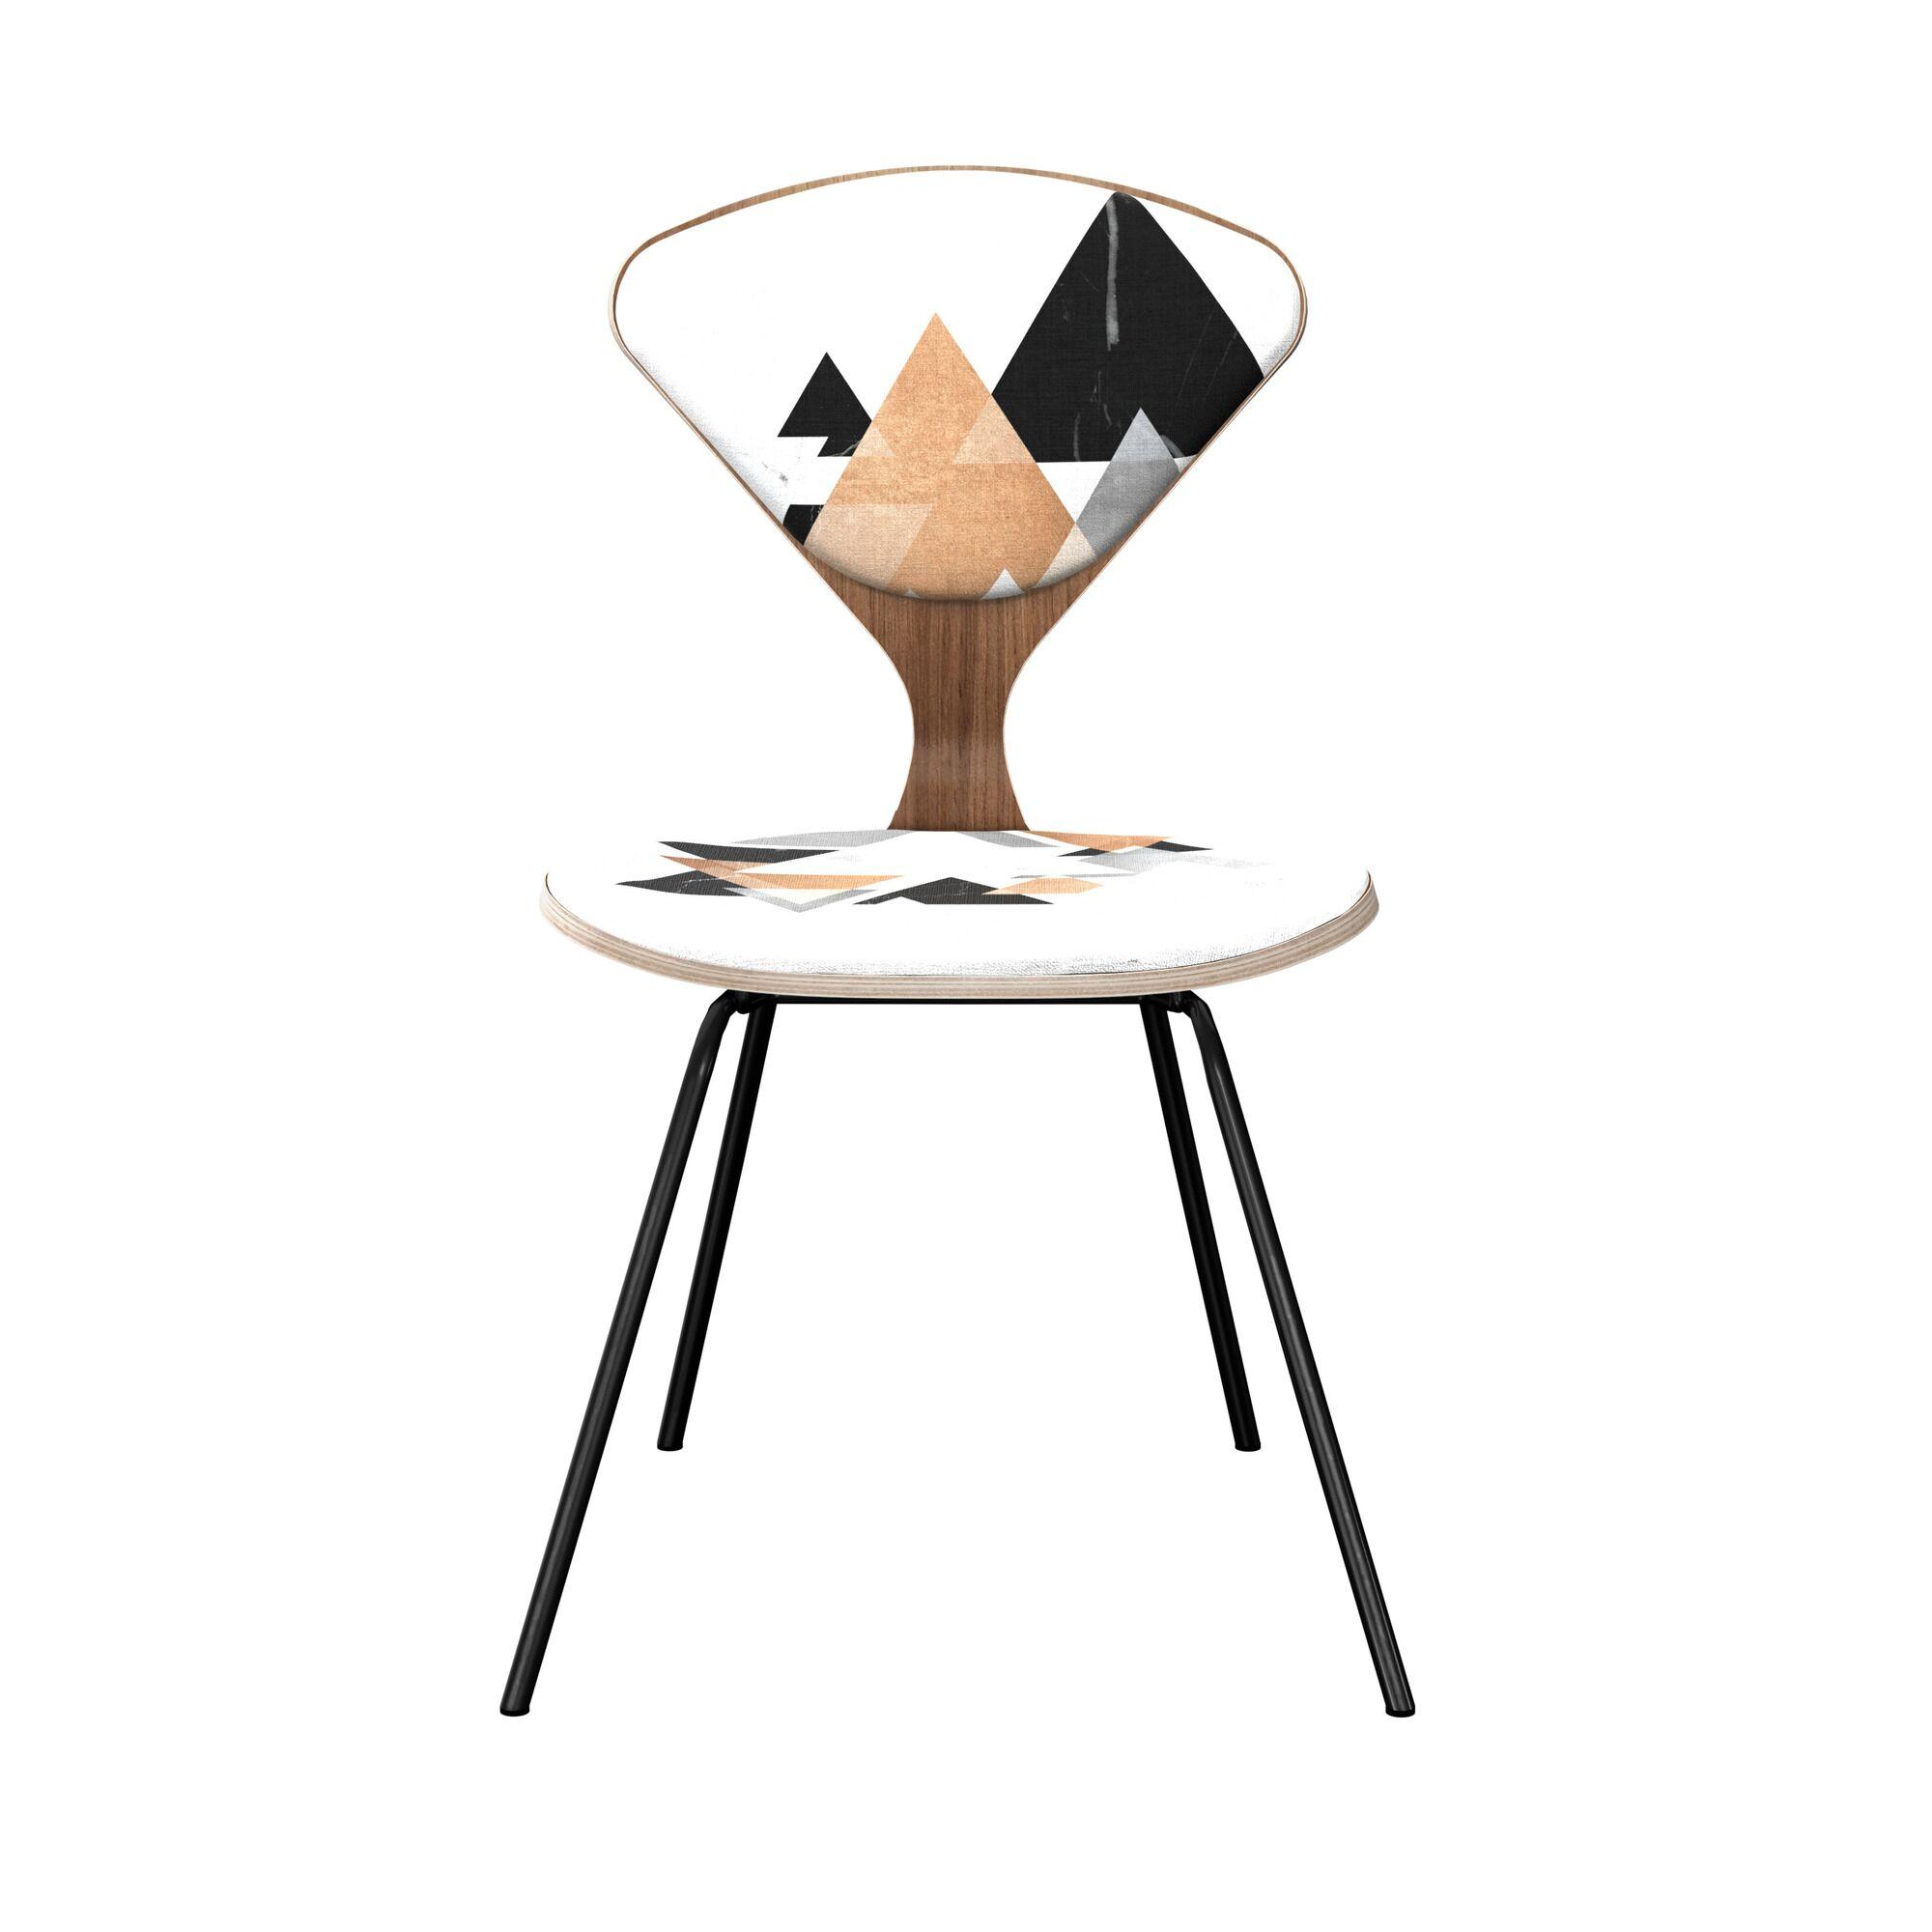 Farah Upholstered Dining Chair Leg Color: Black, Frame Color: Walnut